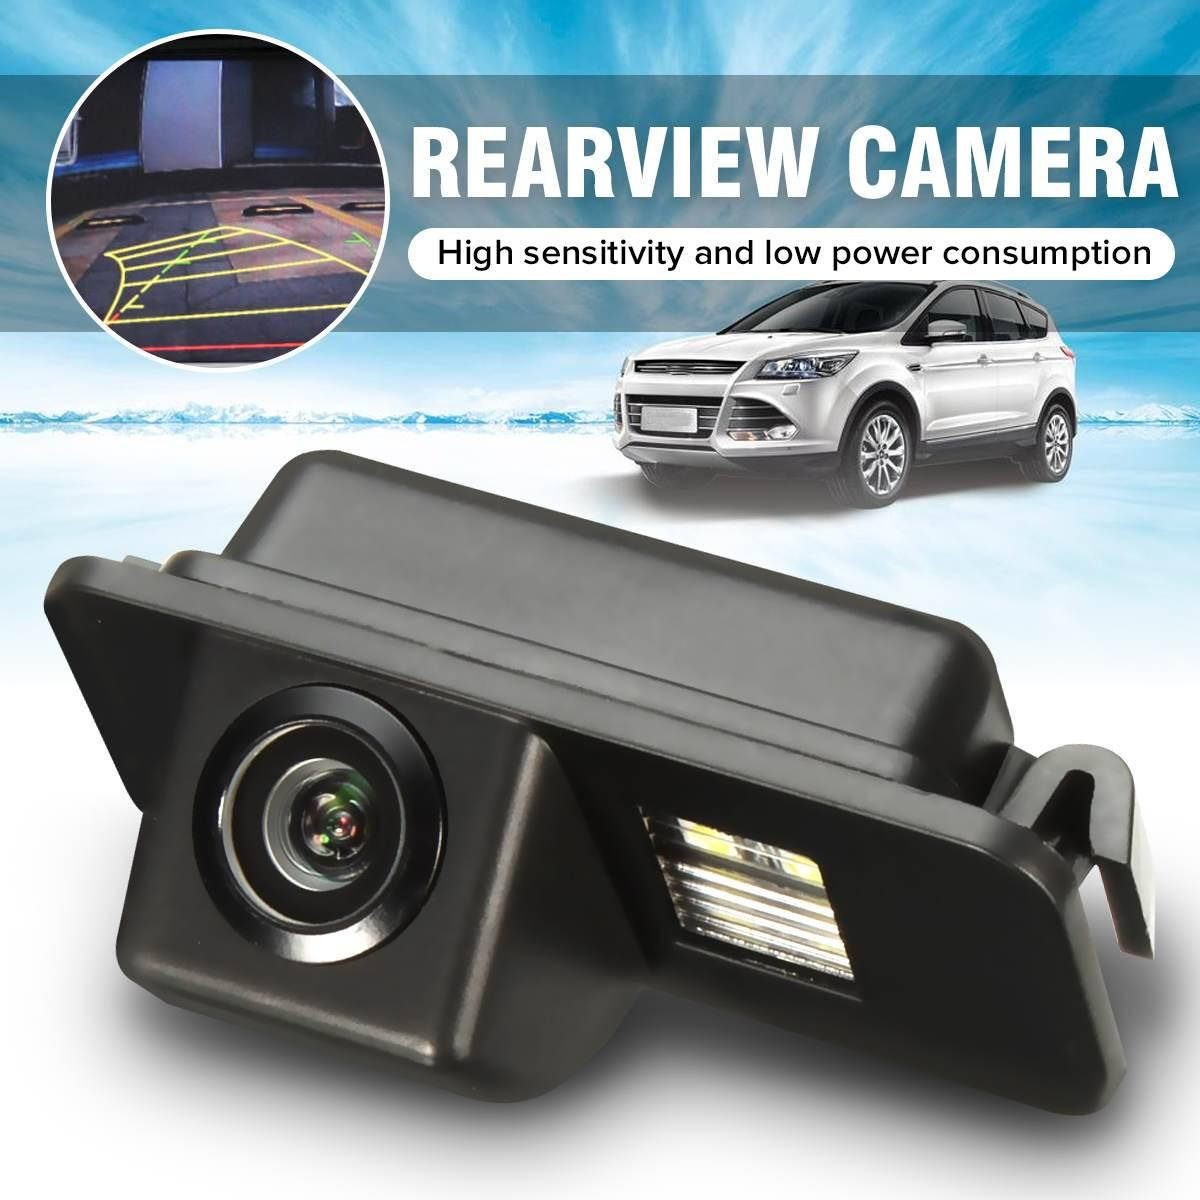 اللاسلكية CCD HD سيارة كاميرا للرؤية الخلفية عكس وقوف السيارات للرؤية الليلية للماء لفورد مونديو التركيز BA7 C307 S-ماكس العيد كوجا